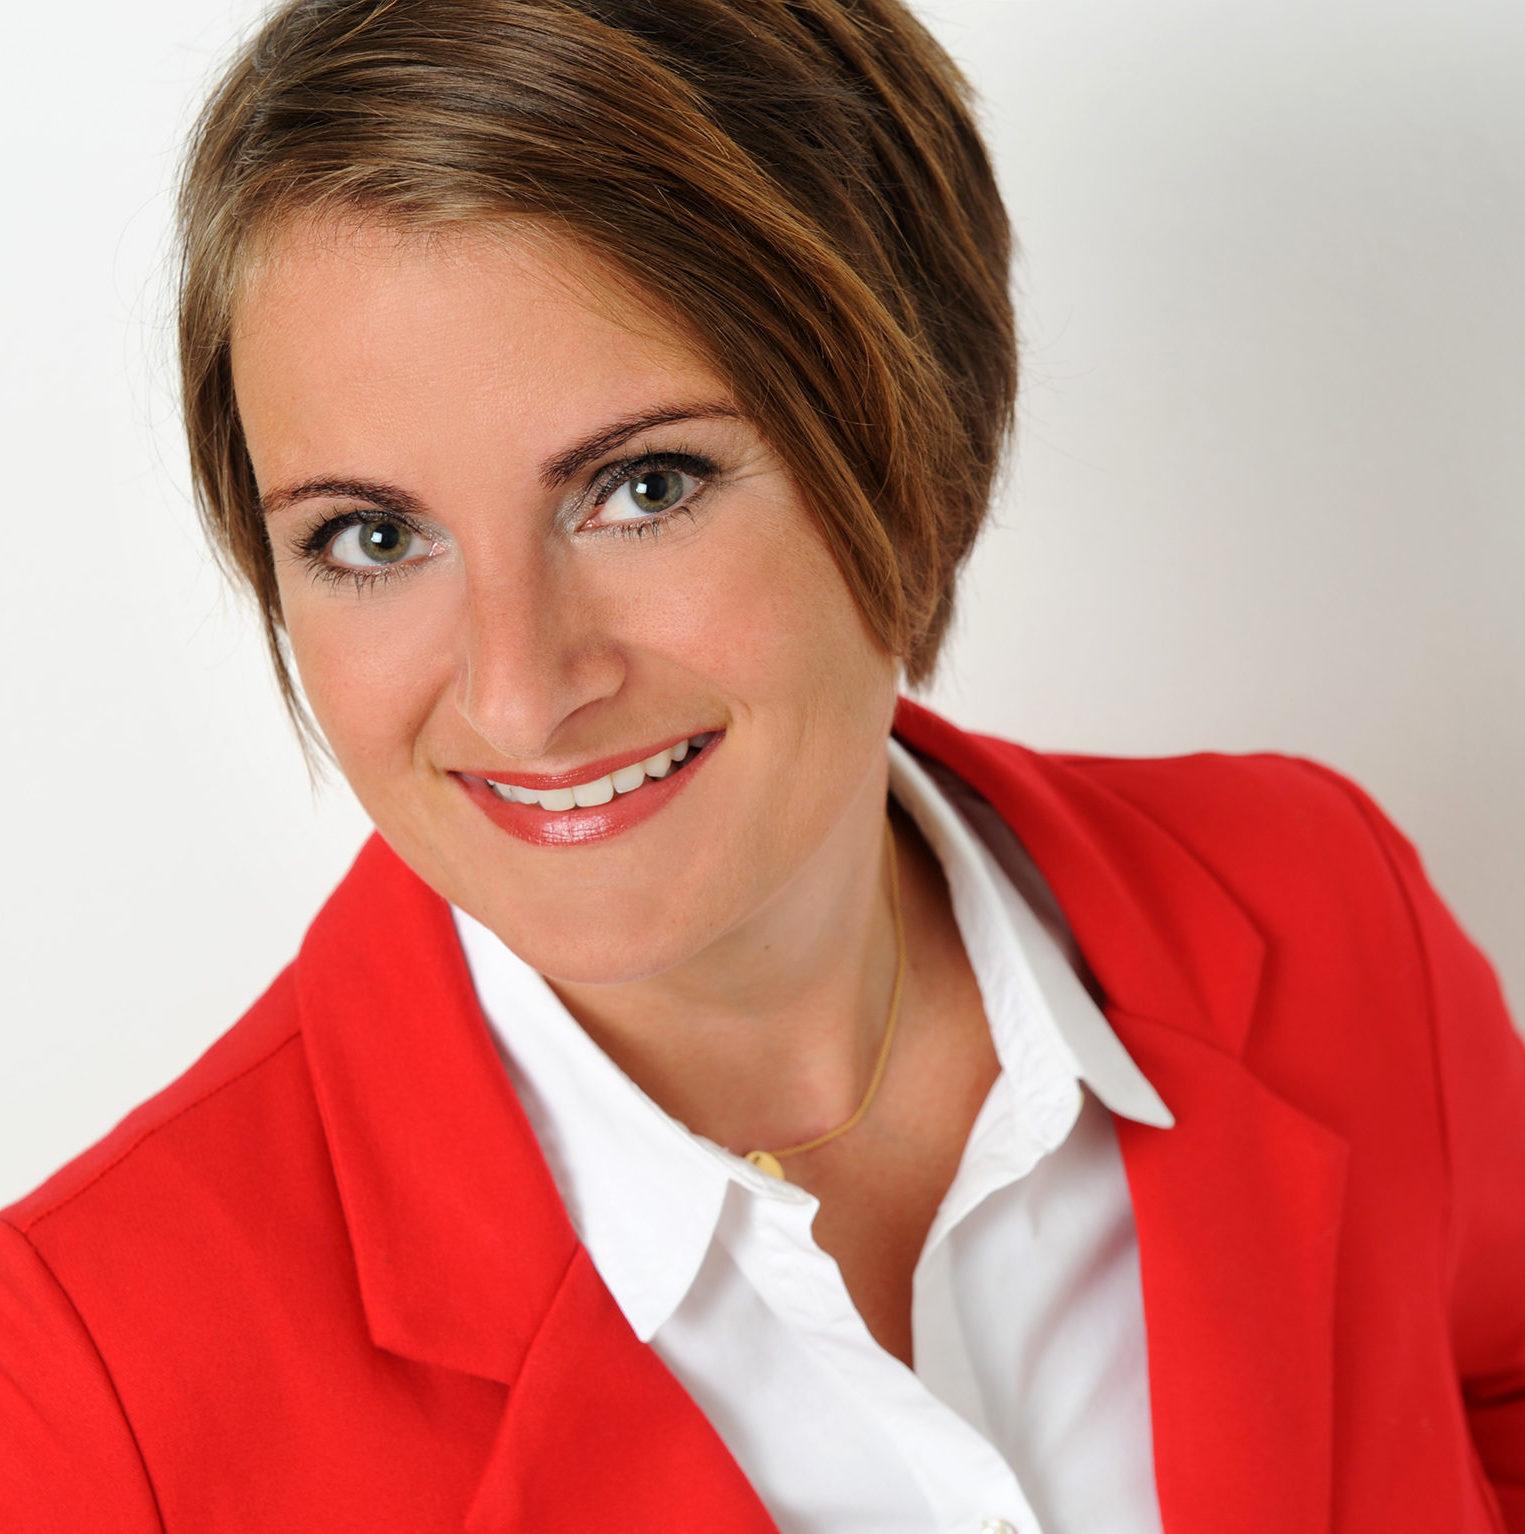 Portrait-Patricia Spazierer- Dentalhygieniker (DH)